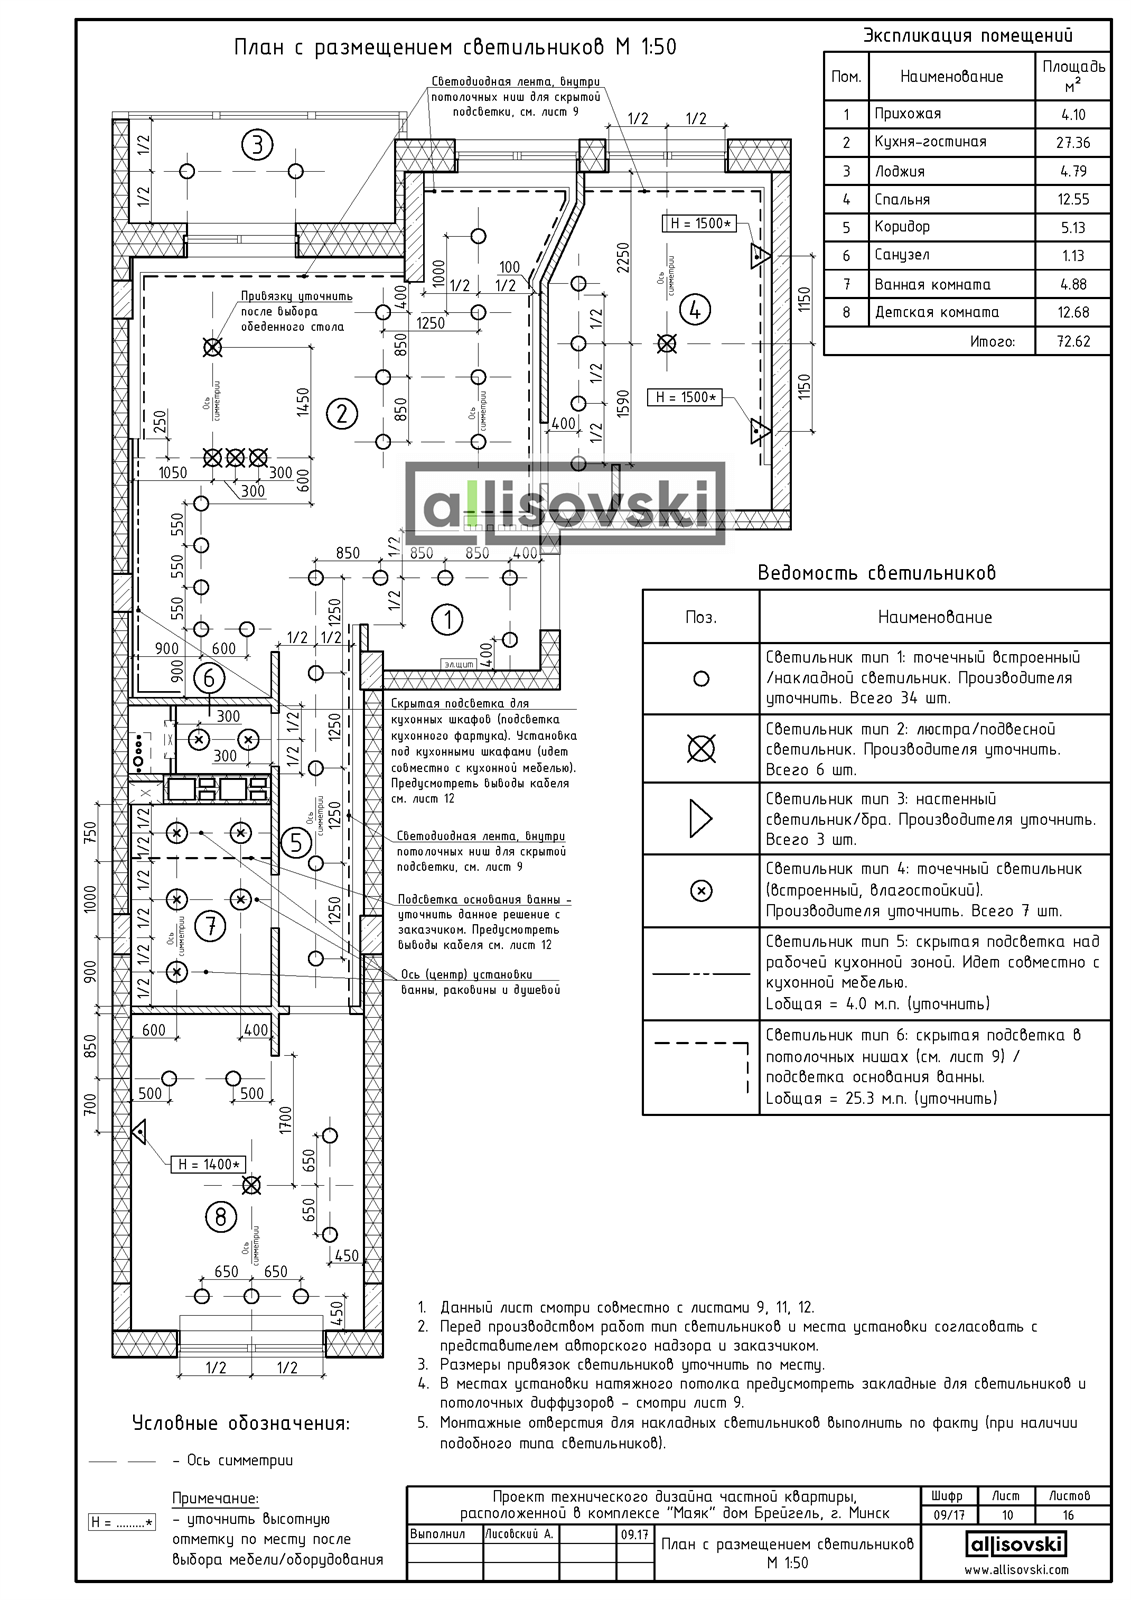 План с расположение освещения. План светильников